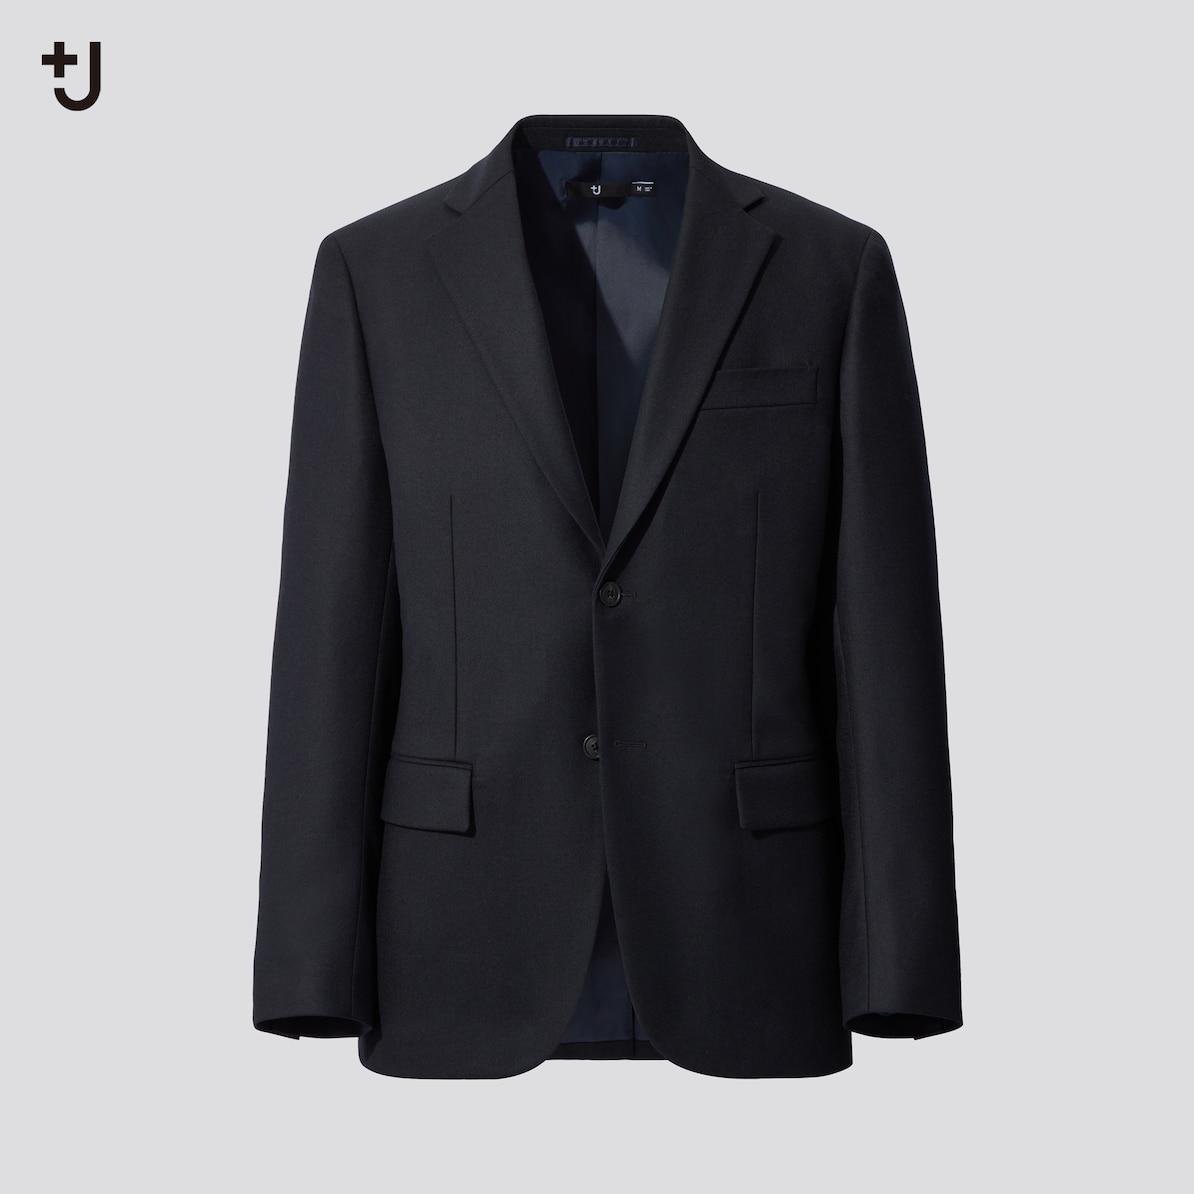 ウールテーラードジャケット(19,900円)